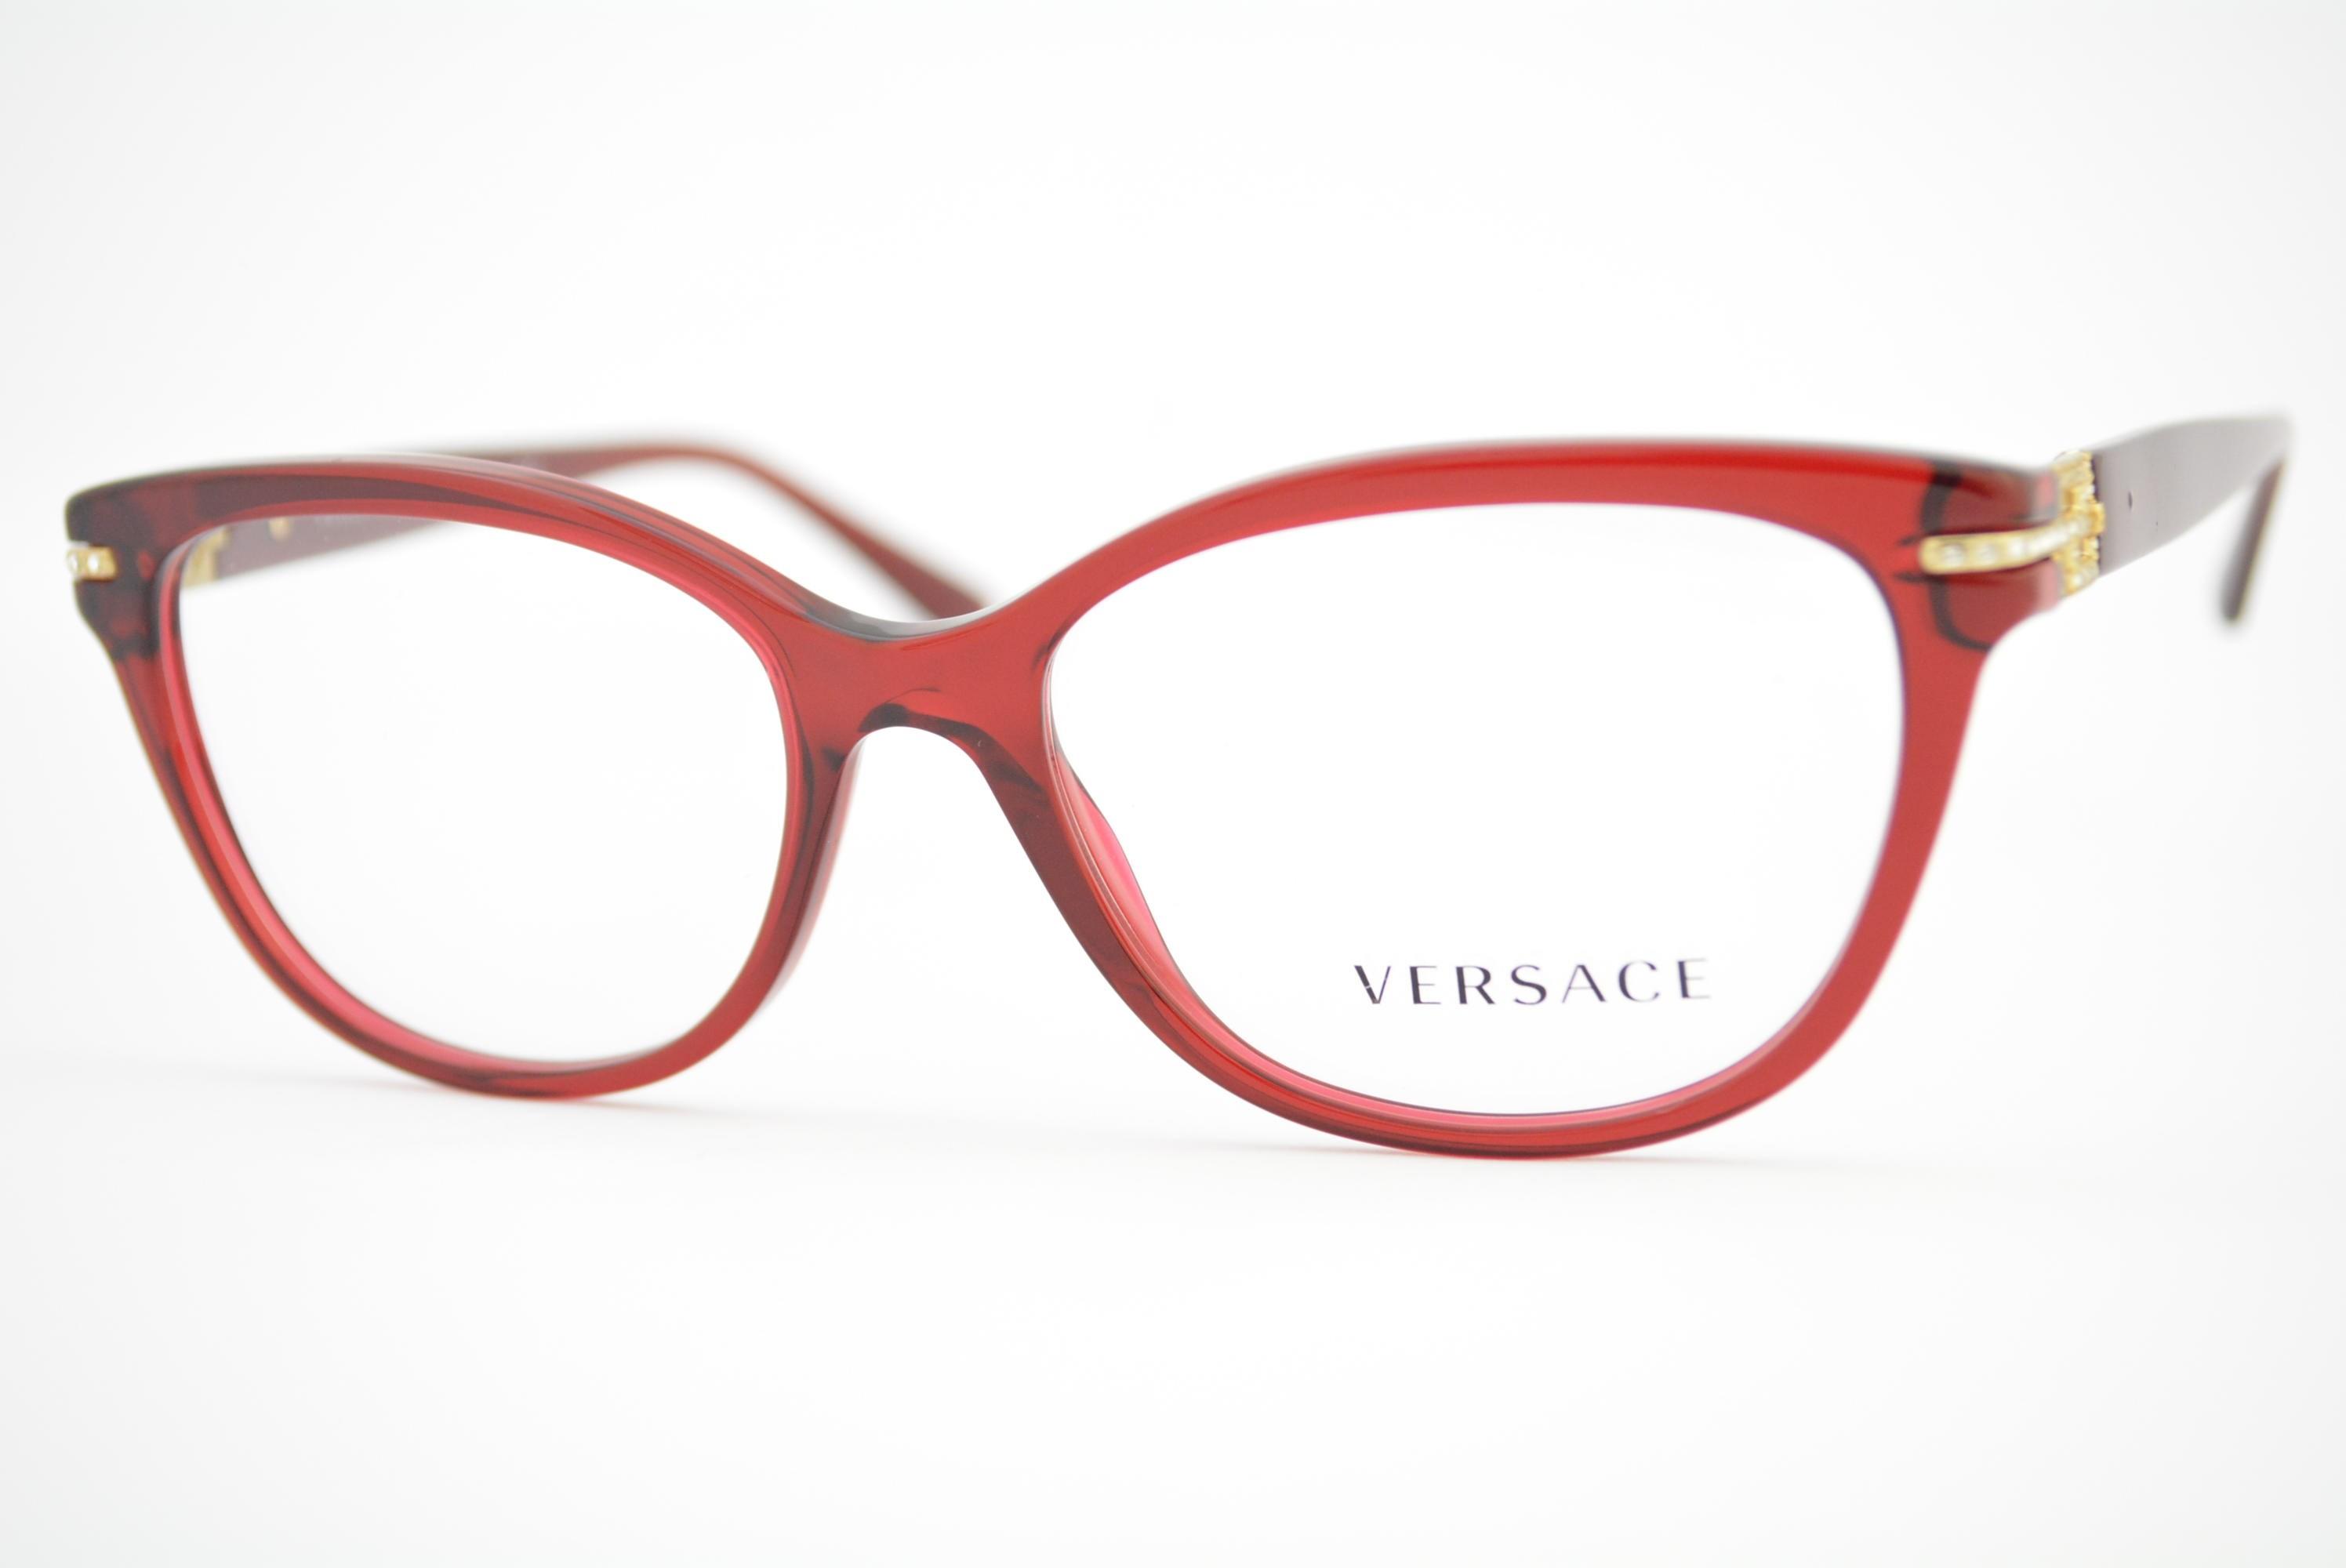 adad319a462b1 armação de óculos Versace mod 3205-B 388 Ótica Cardoso